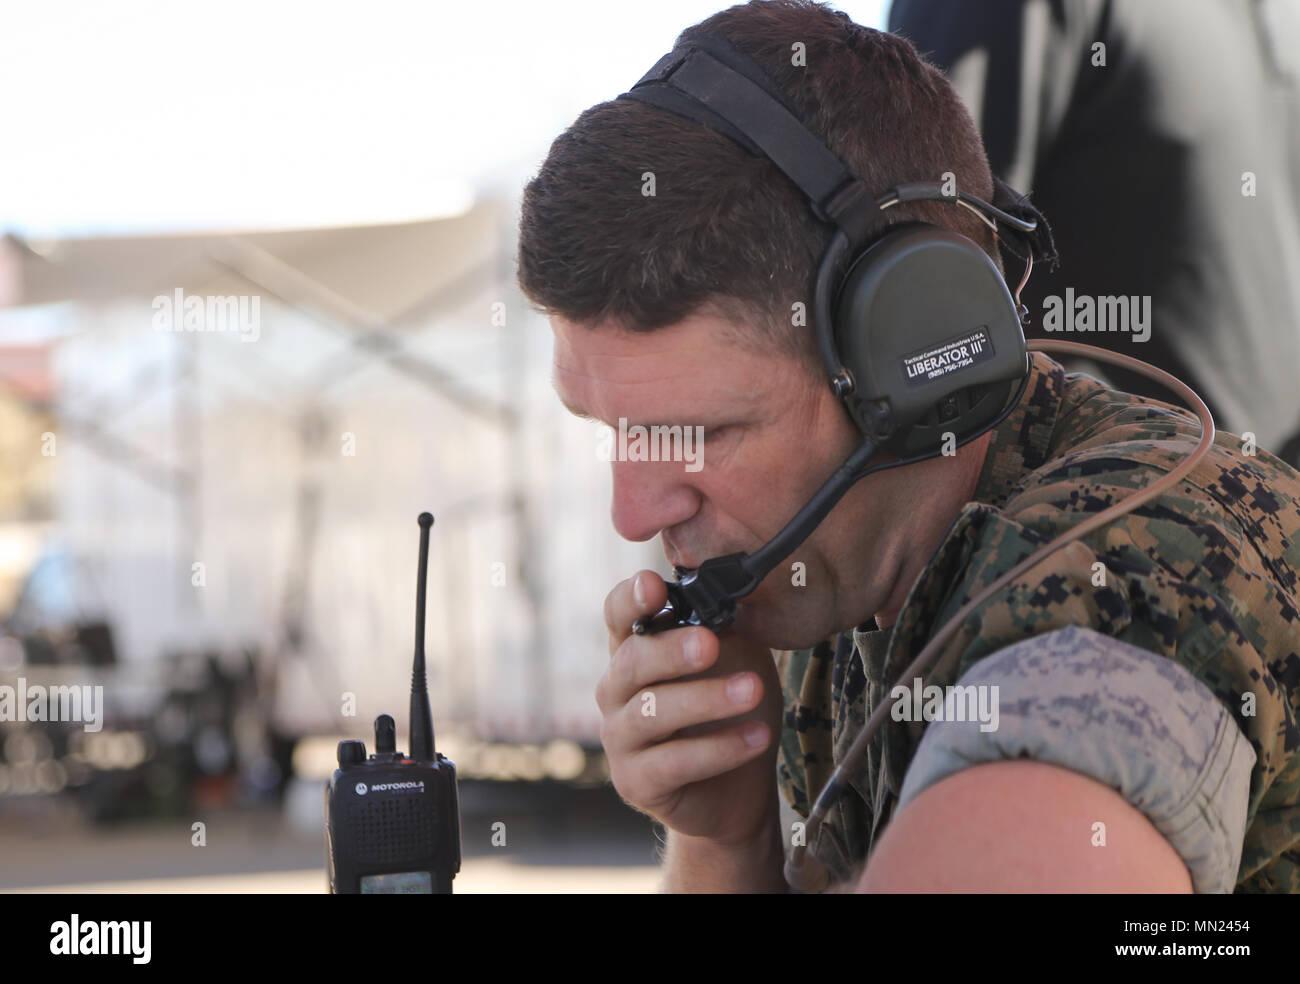 Cuerpo de Marines de EE.UU Gral Christophe McLin un armamento y tácticas Instructor oficial de aire con armas y tácticas de Aviación Marina Escuadrón uno (MAWTS-1) se comunica con los pilotos durante un estrecho apoyo aéreo digitalmente asistida de ejercicio en Marine Corps Air Station Yuma, Arizona, el 15 de agosto de 2017. Este ejercicio se realizó para ayudar a mitigar el riesgo para el personal militar mediante el aumento de la conciencia de la situación en el campo de batalla. (Ee.Uu. Marine Corps foto por Lance Cpl. Andrew Huff). Foto de stock